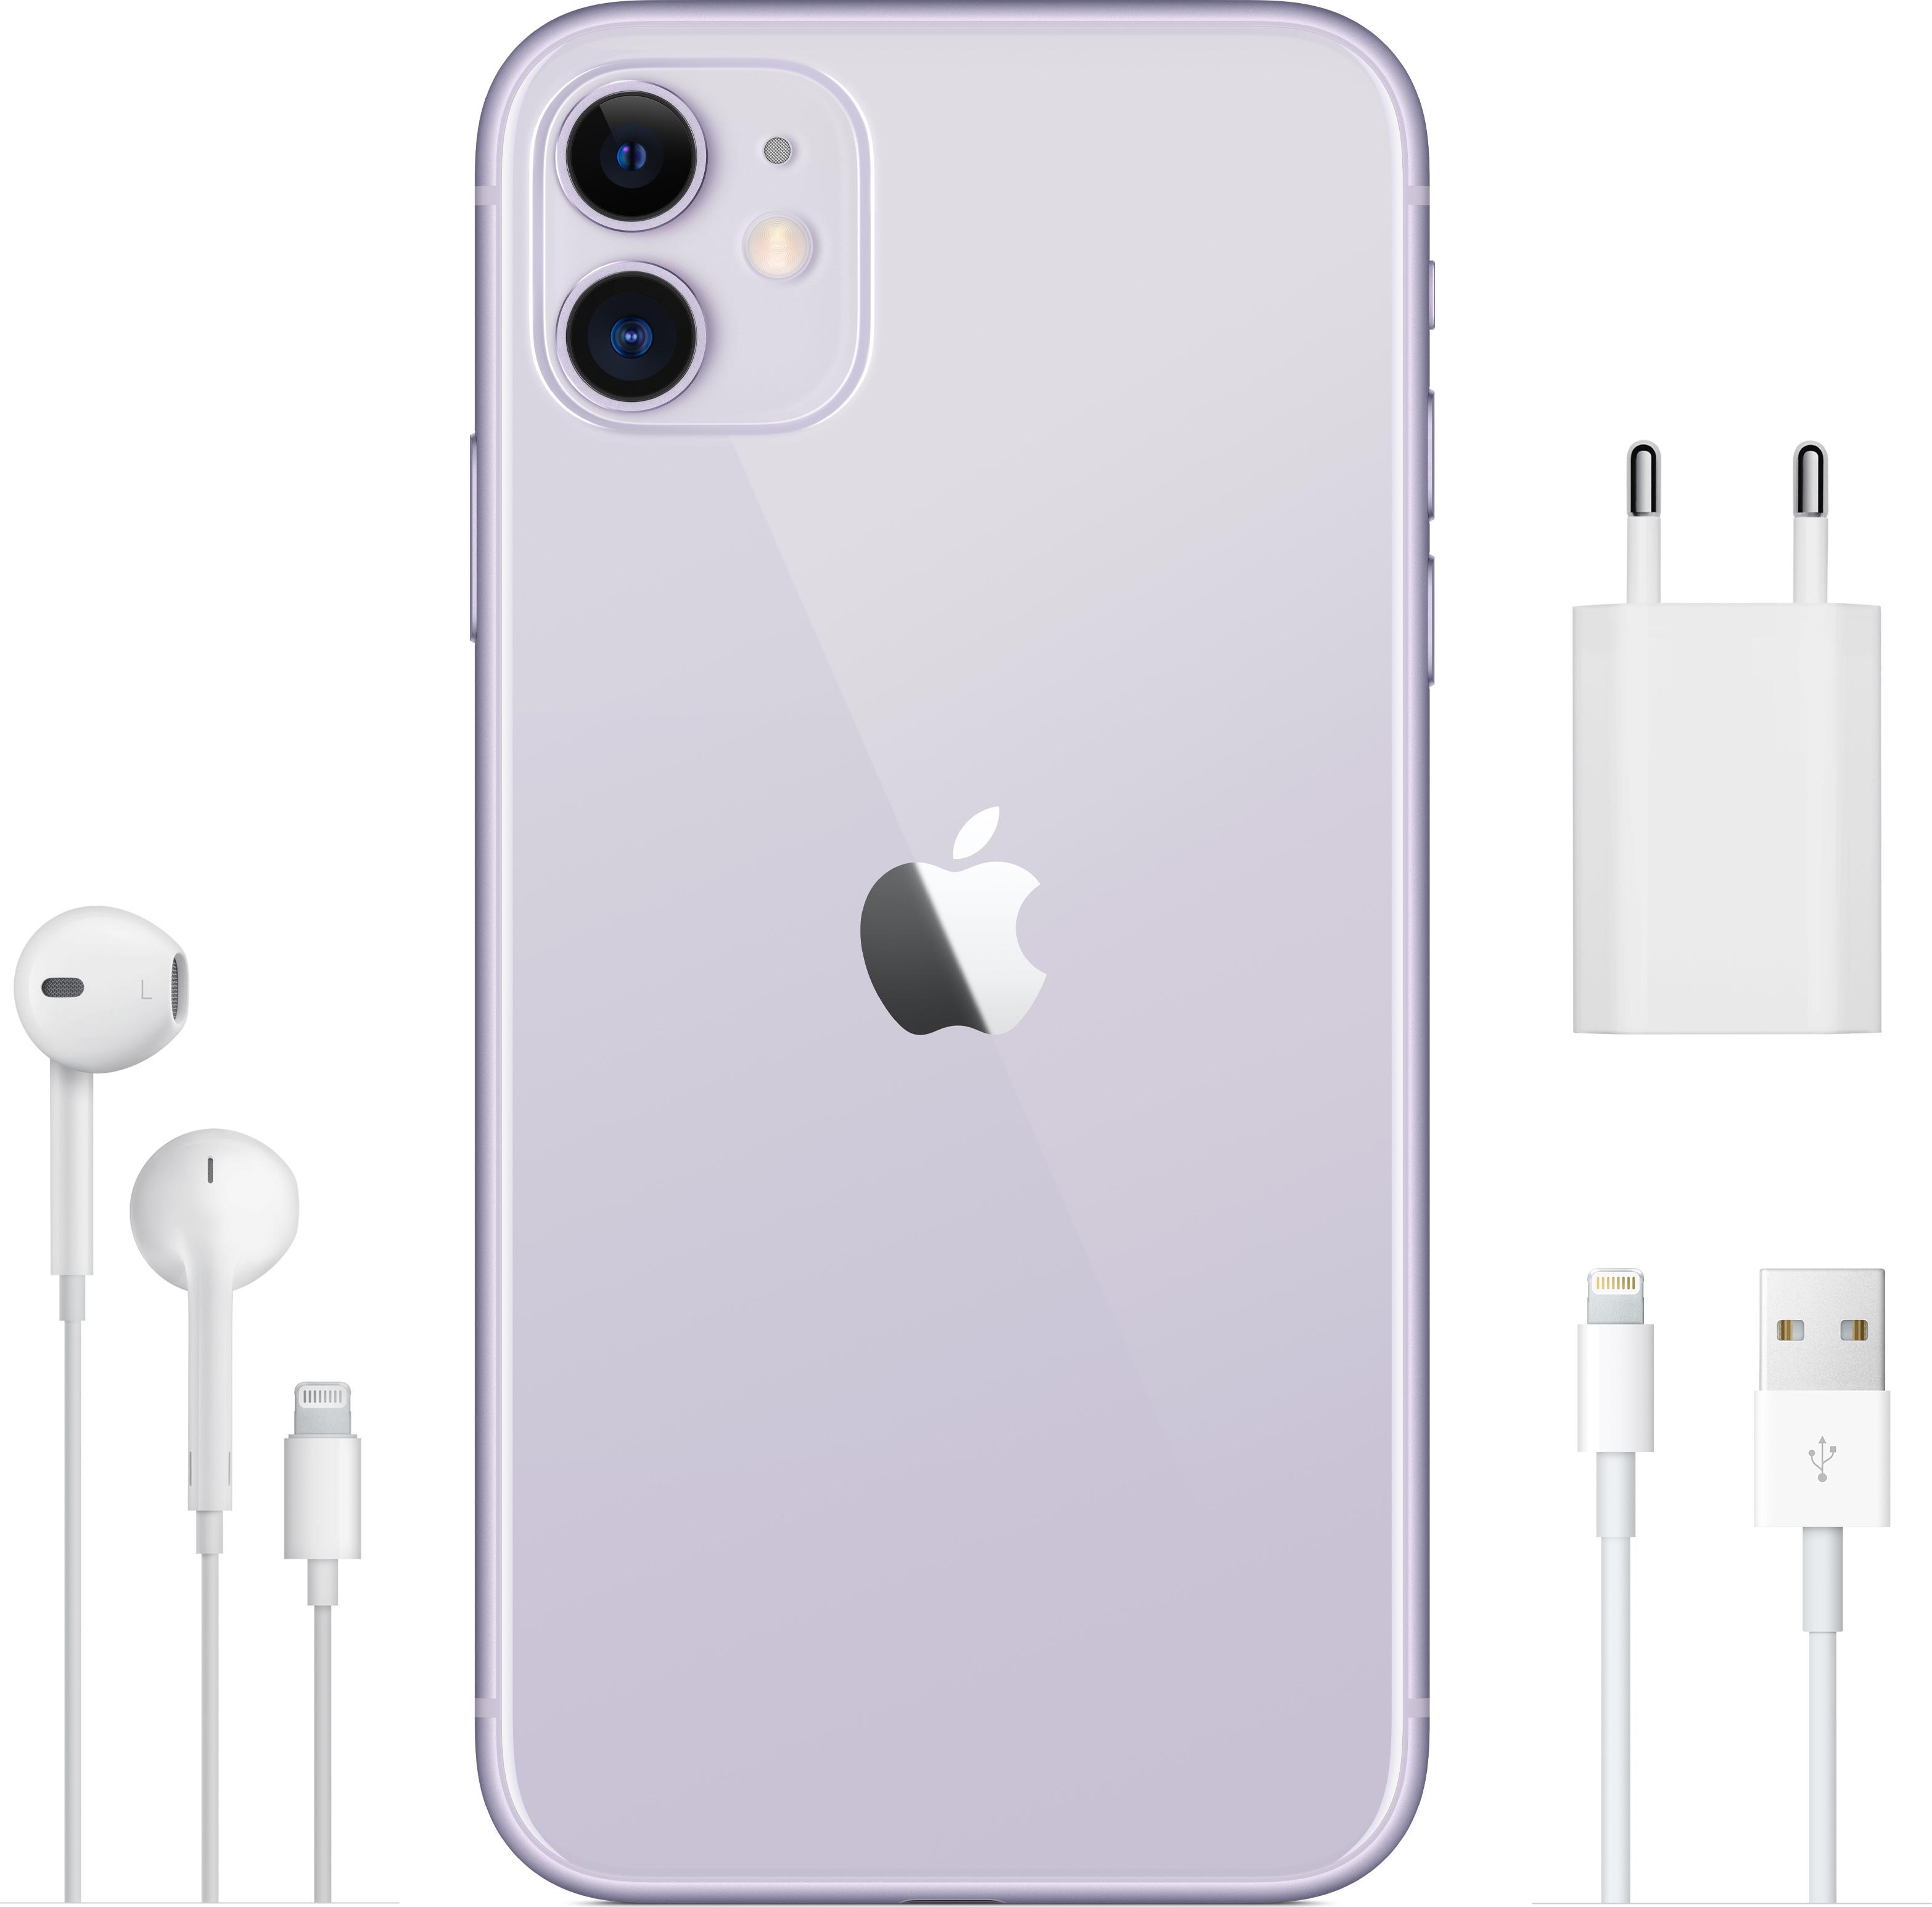 APPLE / IPhone 11, 64 ГБ, Фіялетавы